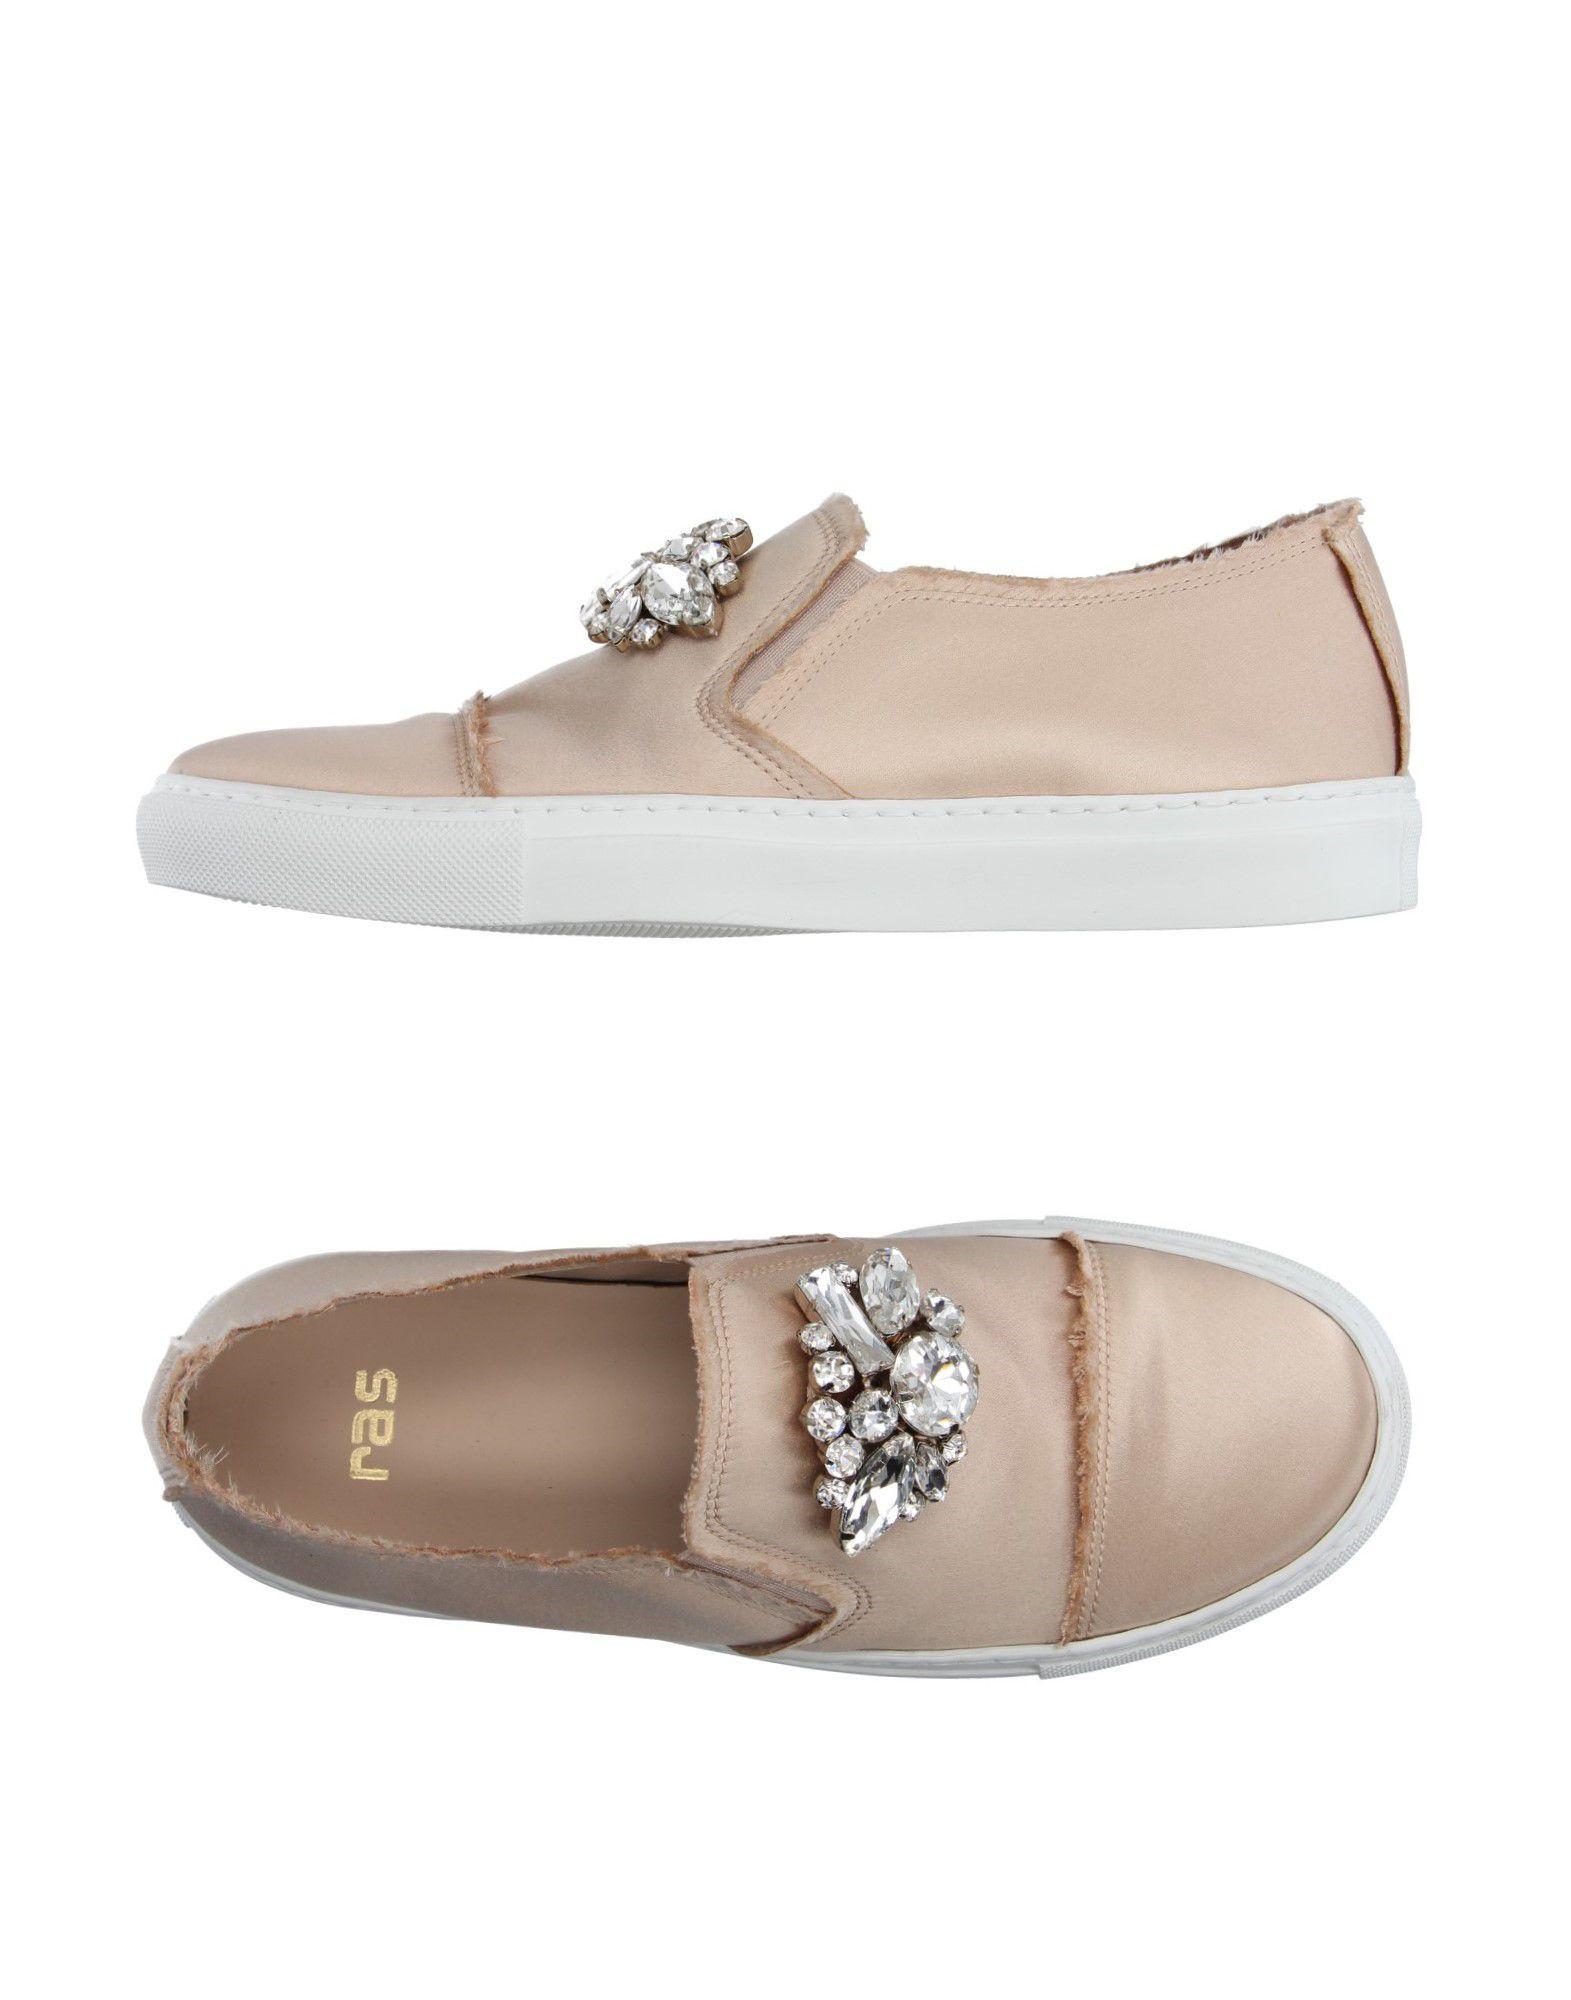 Scarpe economiche e resistenti Sneakers Ras Donna - 11127648DB